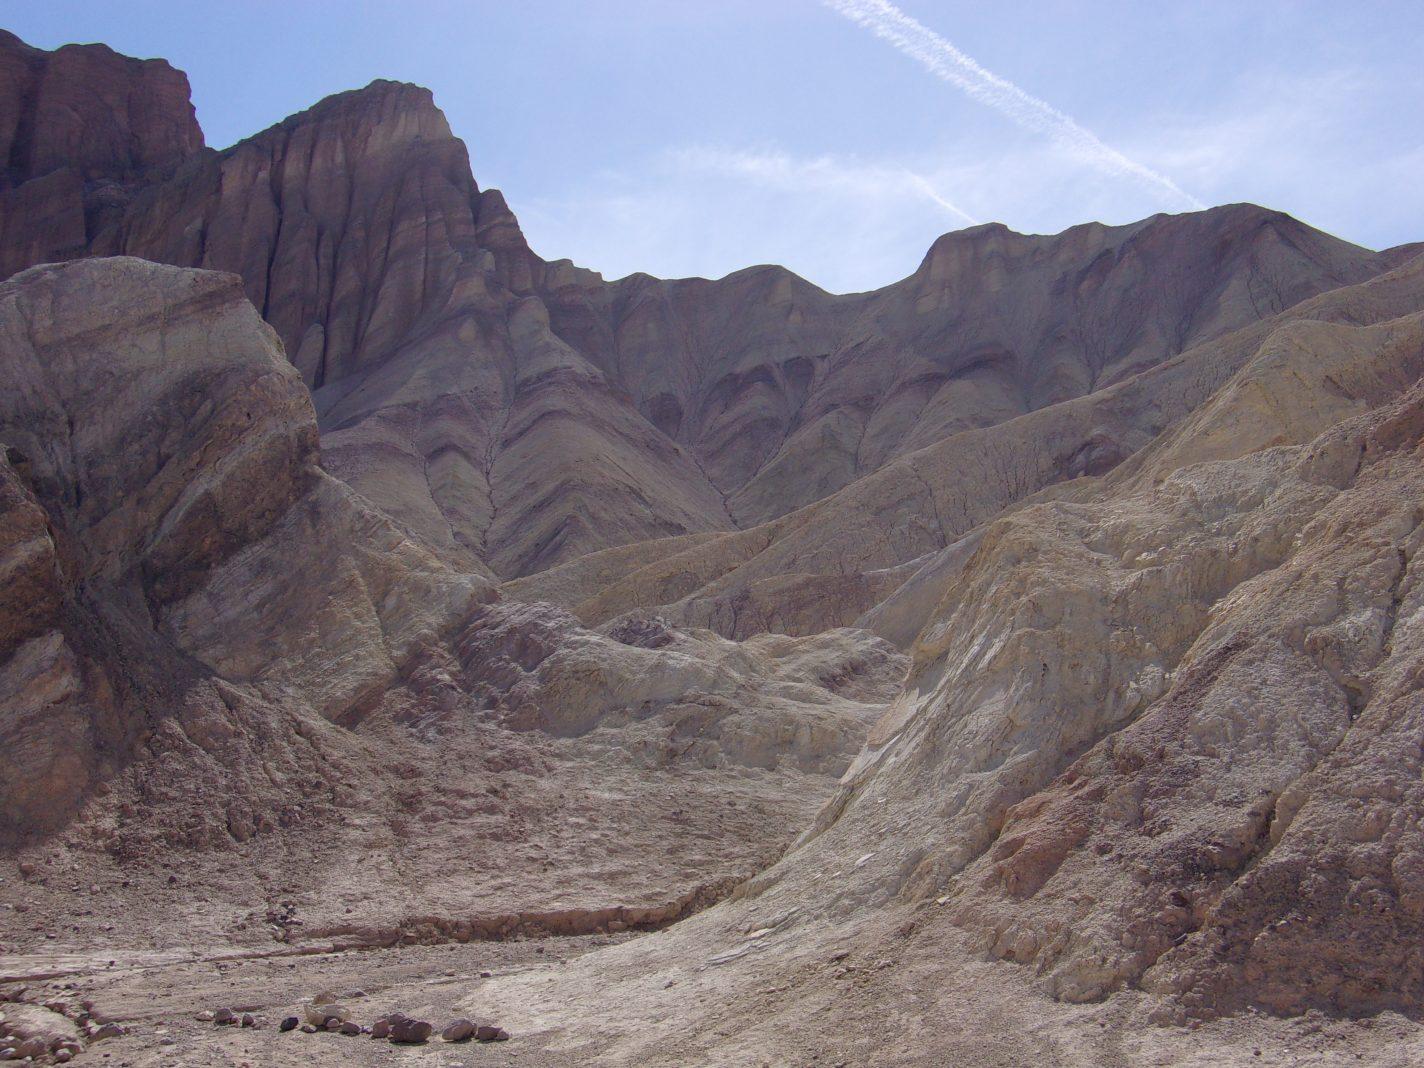 Prachtige rotsformaties - bijzondere natuur in Amerika